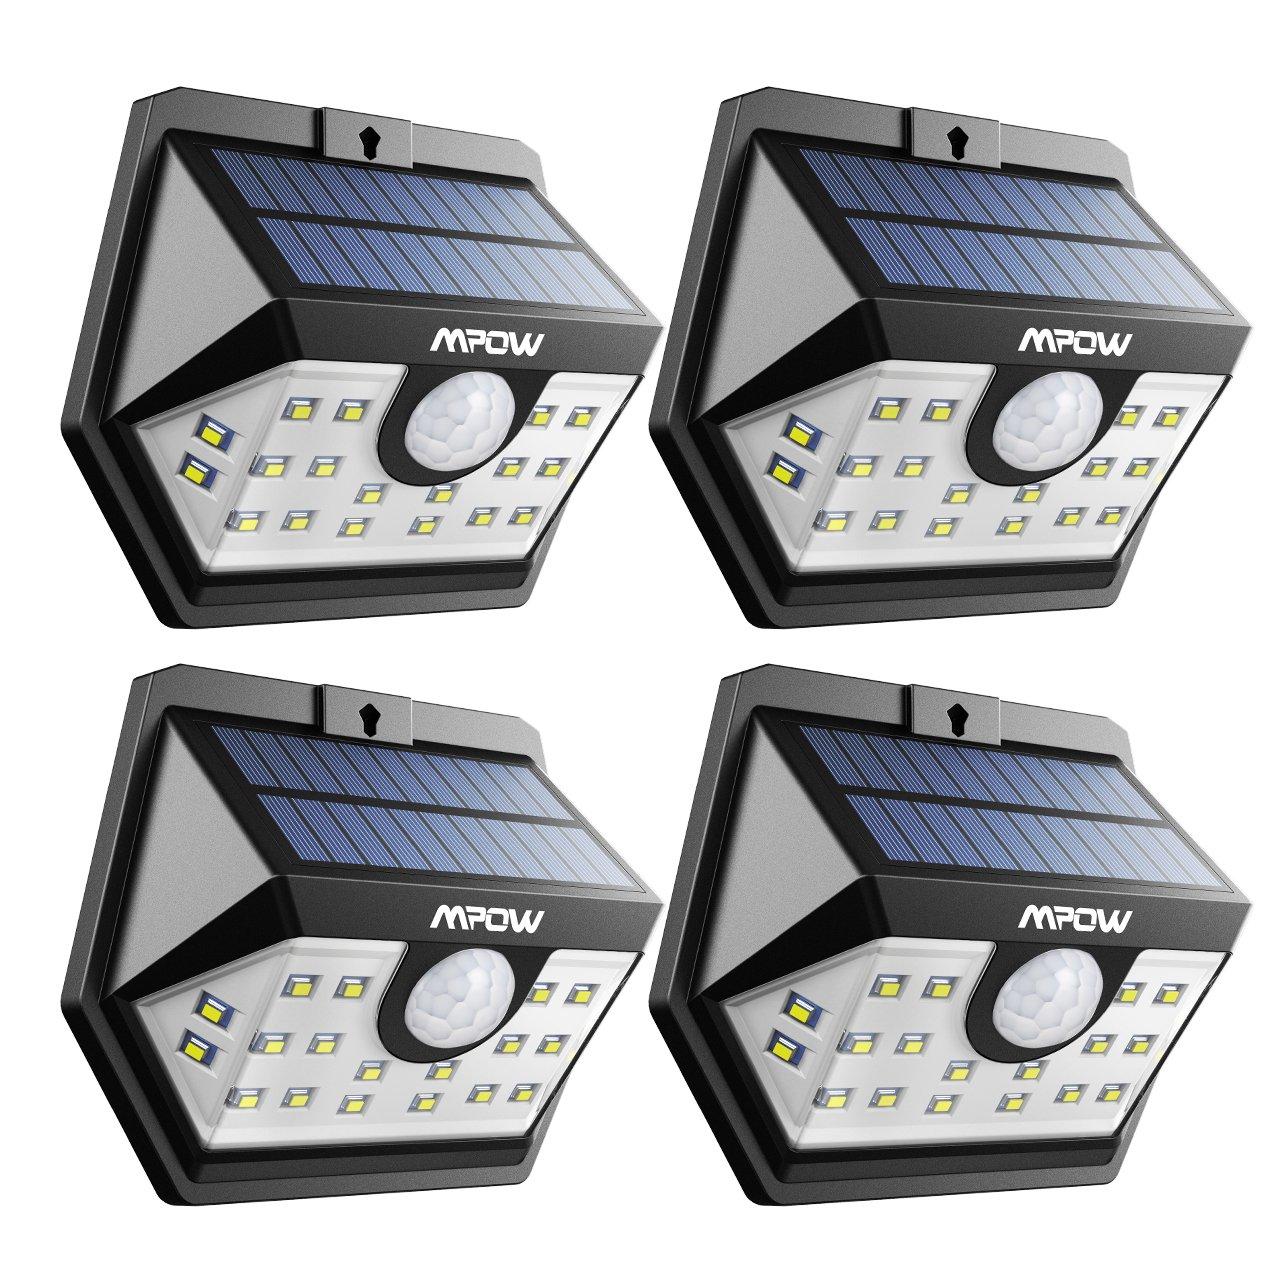 Mpow Weitwinkel Solarleuchte, 20 LED Superhelles Bewegung Solarlicht, Solarbetriebene Sicherheitswandleuchte, verbesserte 120 ° Weitwinkel Sensorkopf (4)